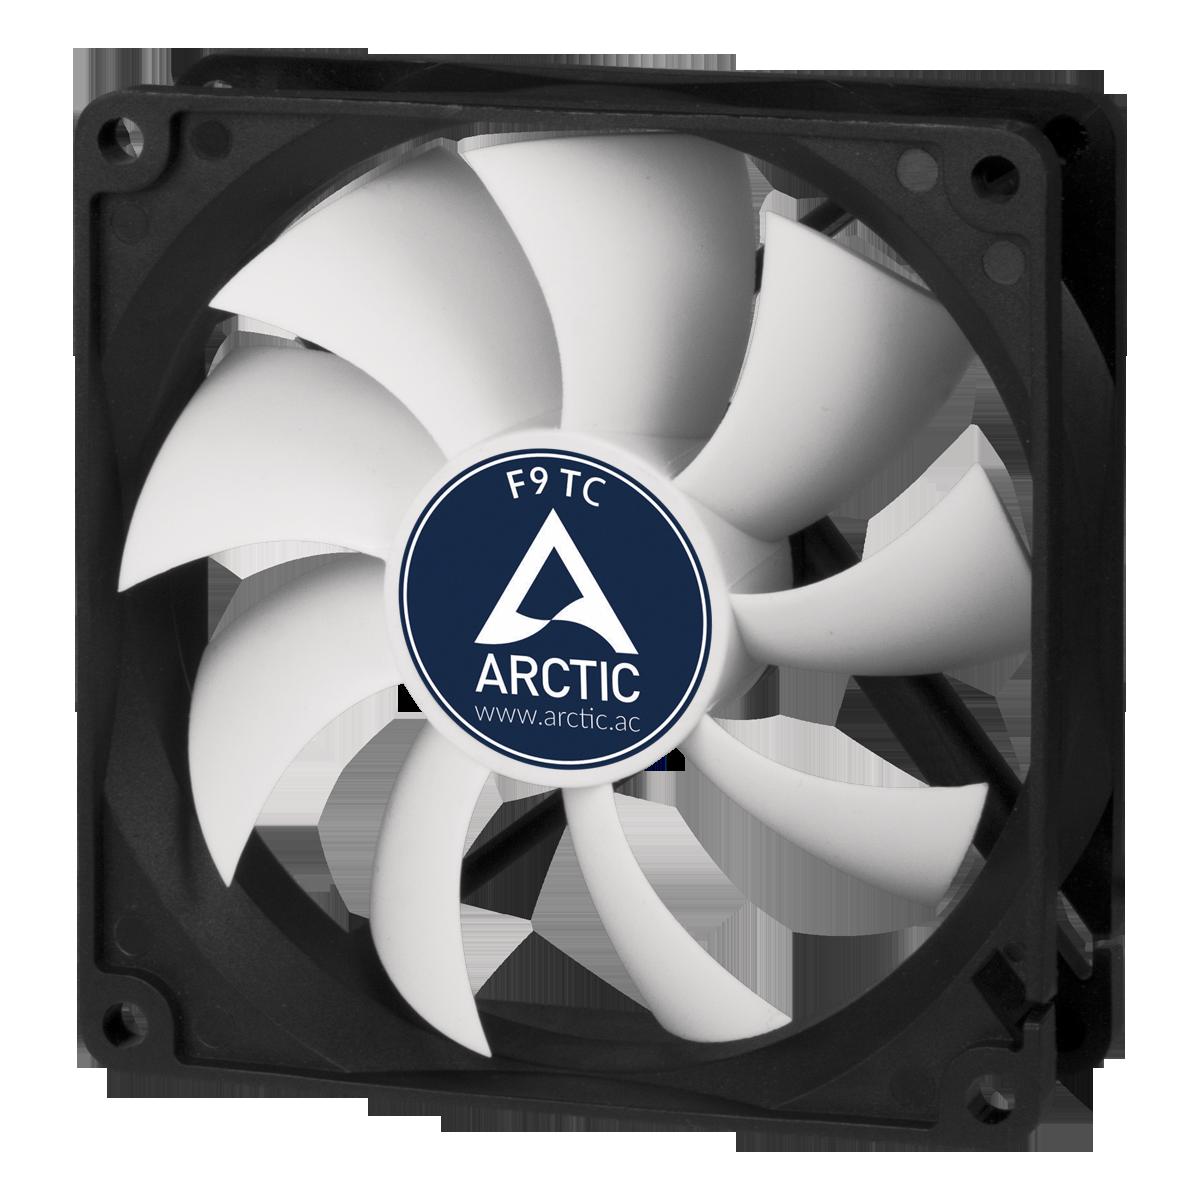 92 mm 3-Pin Case Fan with Temperature Sensor ARCTIC F9 TC